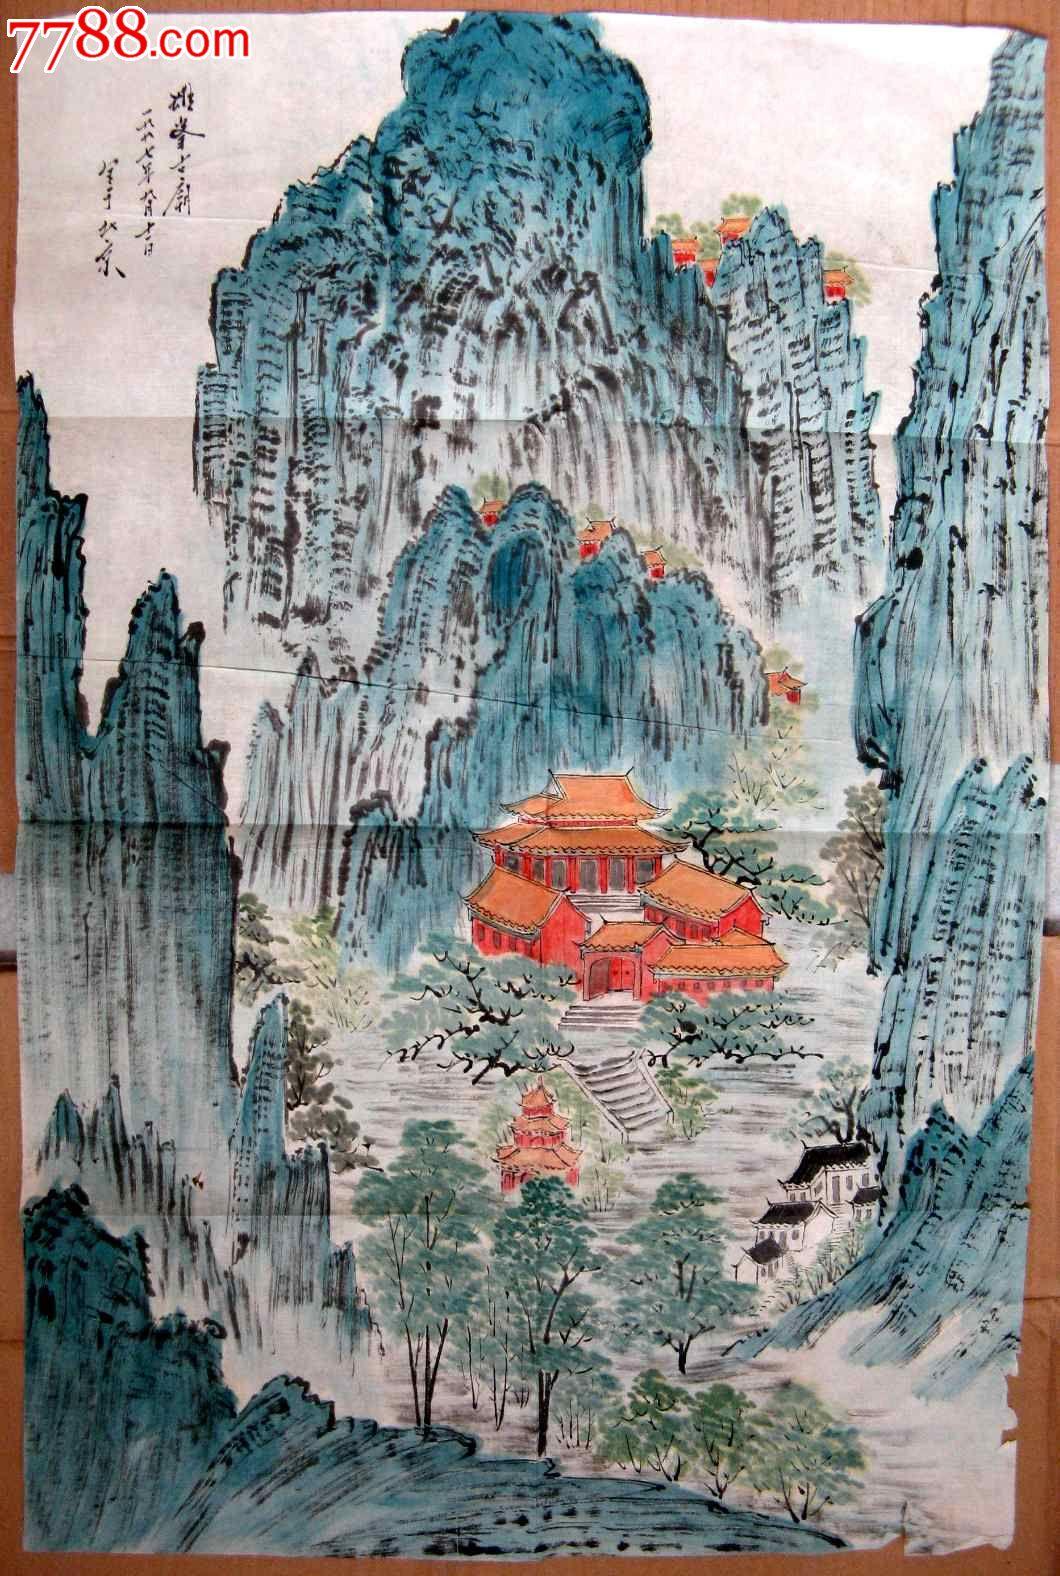 北京画家四尺开三条幅山水画《雄峰古庙》图片